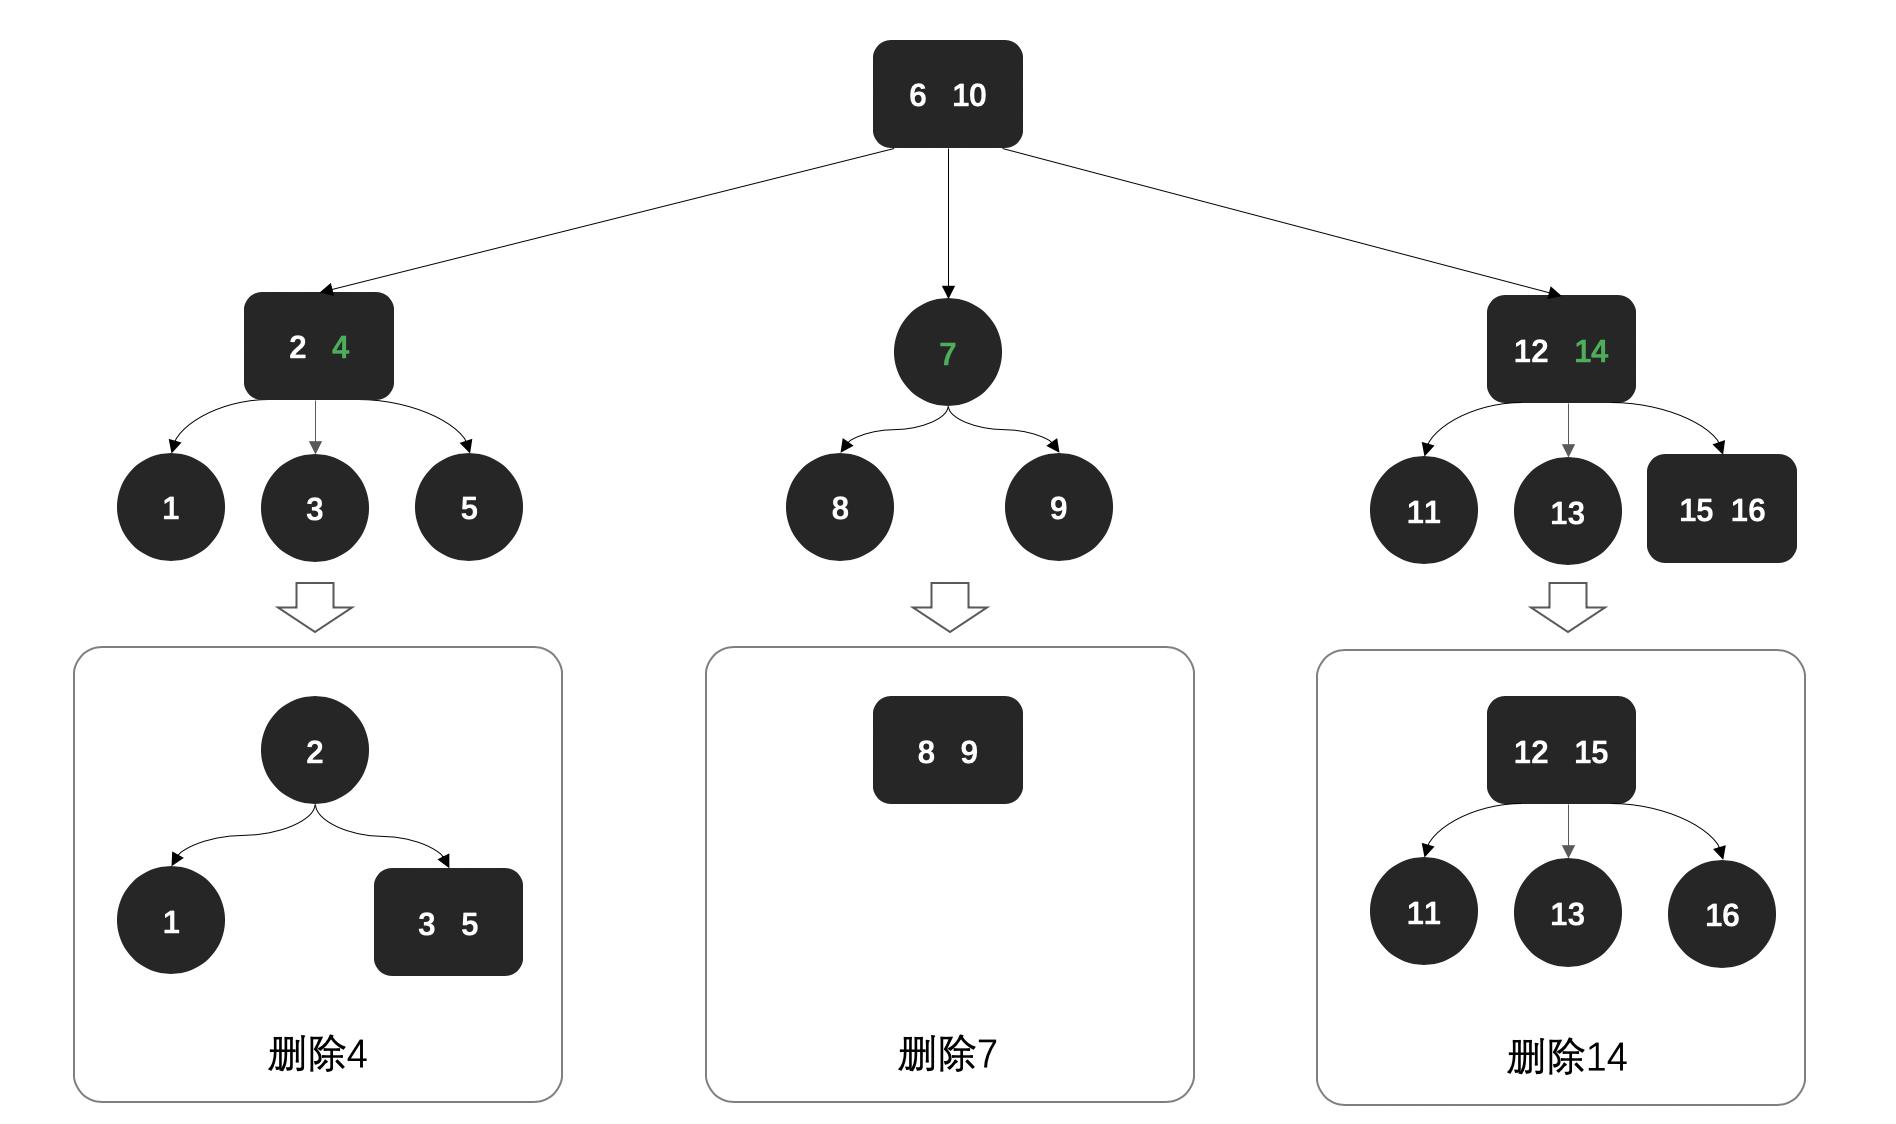 面经手册 · 第5篇《看图说话,讲解2-3平衡树「红黑树的前身」》